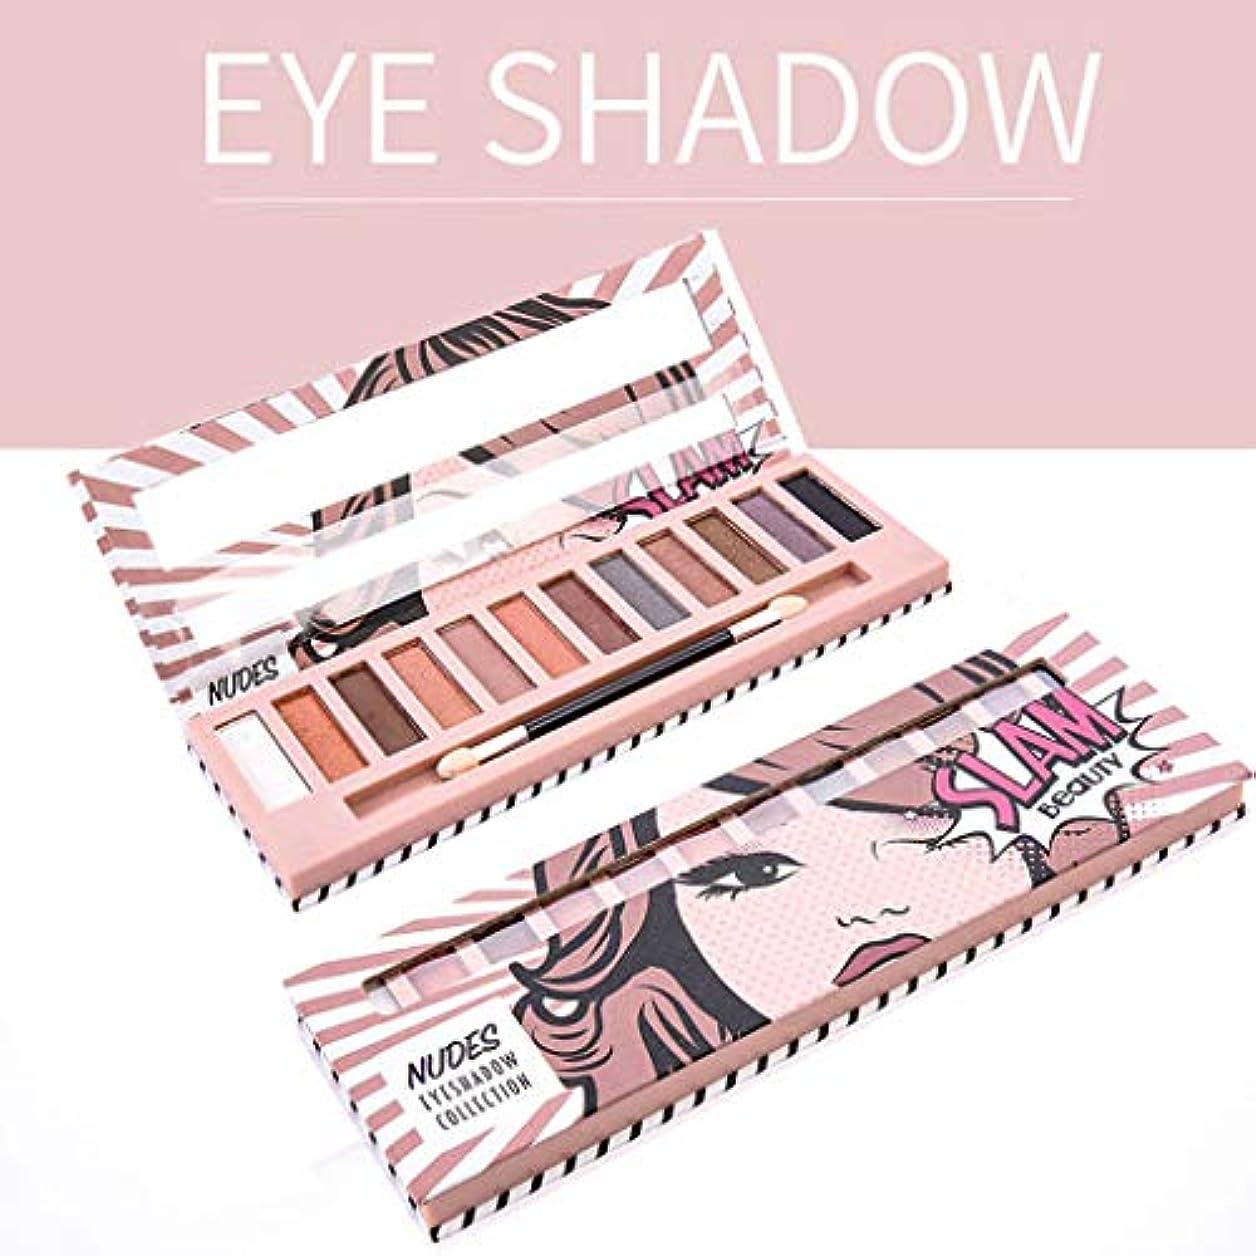 ペスト農学Akane アイシャドウパレット NUDES Slam Beauty 綺麗 マット 可愛い ファッション おしゃれ 人気 長持ち 持ち便利 Eye Shadow (12色)